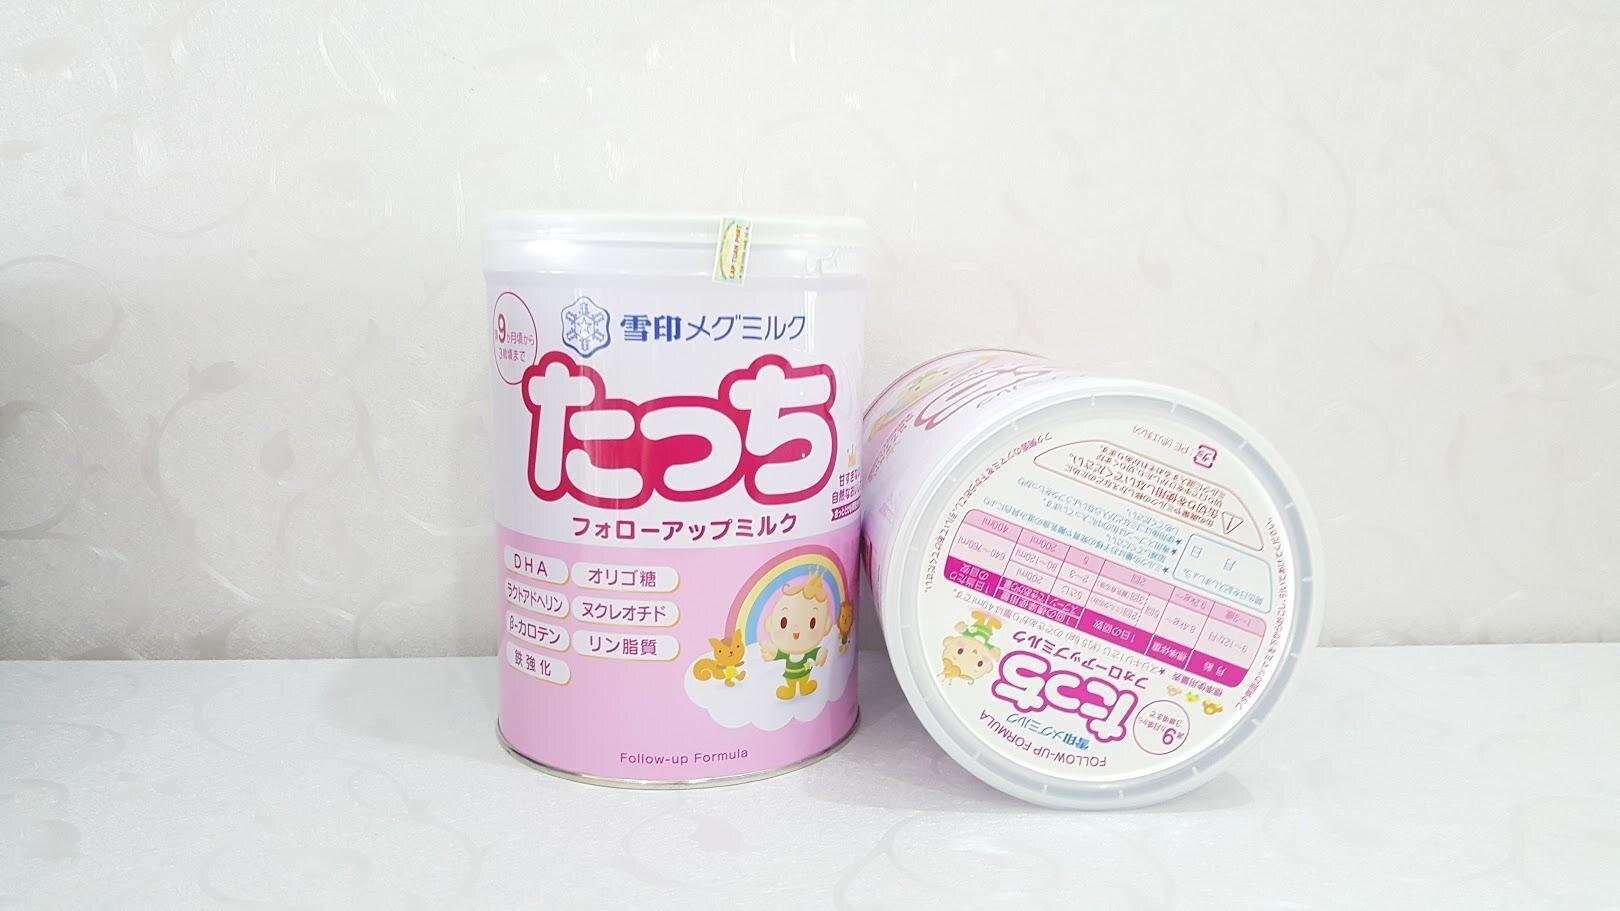 Sữa Snowbaby chất lượng sữa đảm bảo mà giá rất phải chăng được nhiều bố mẹ tin tưởng sử dụng